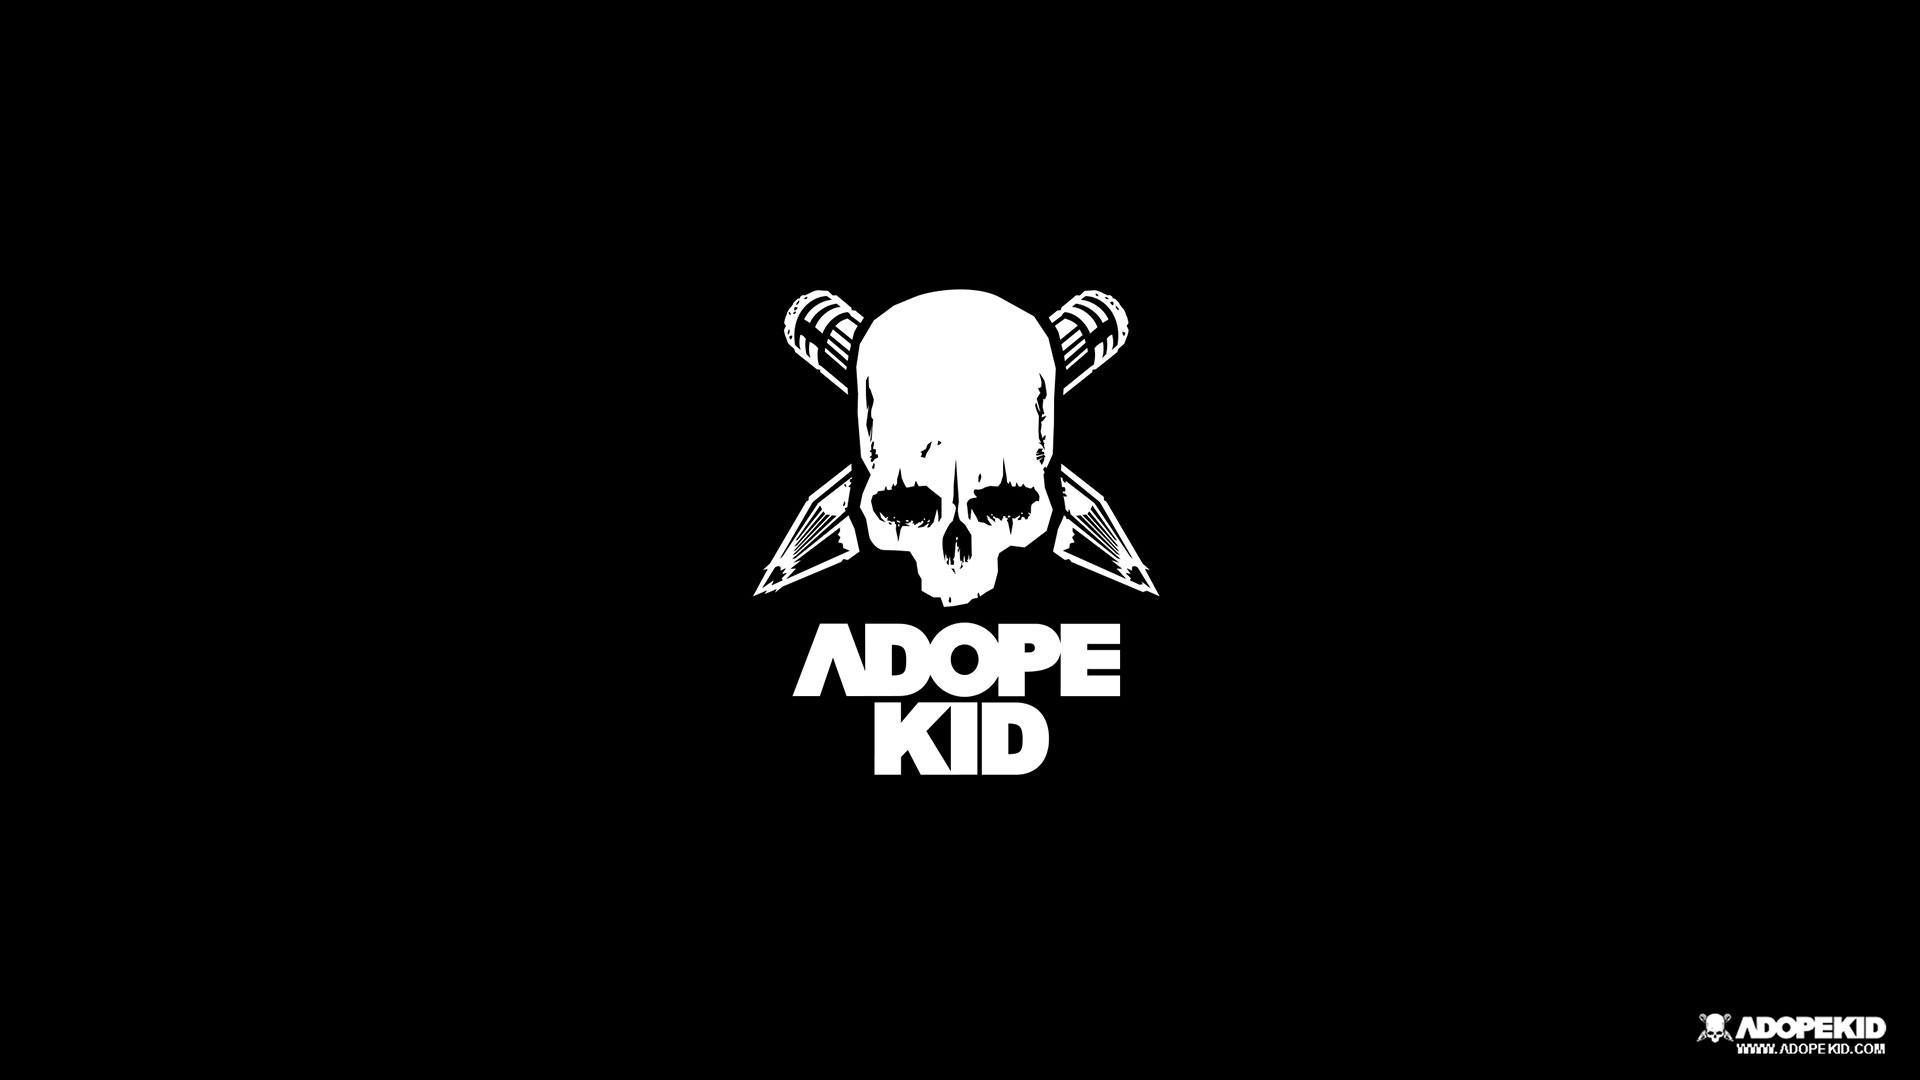 © adopekid.de